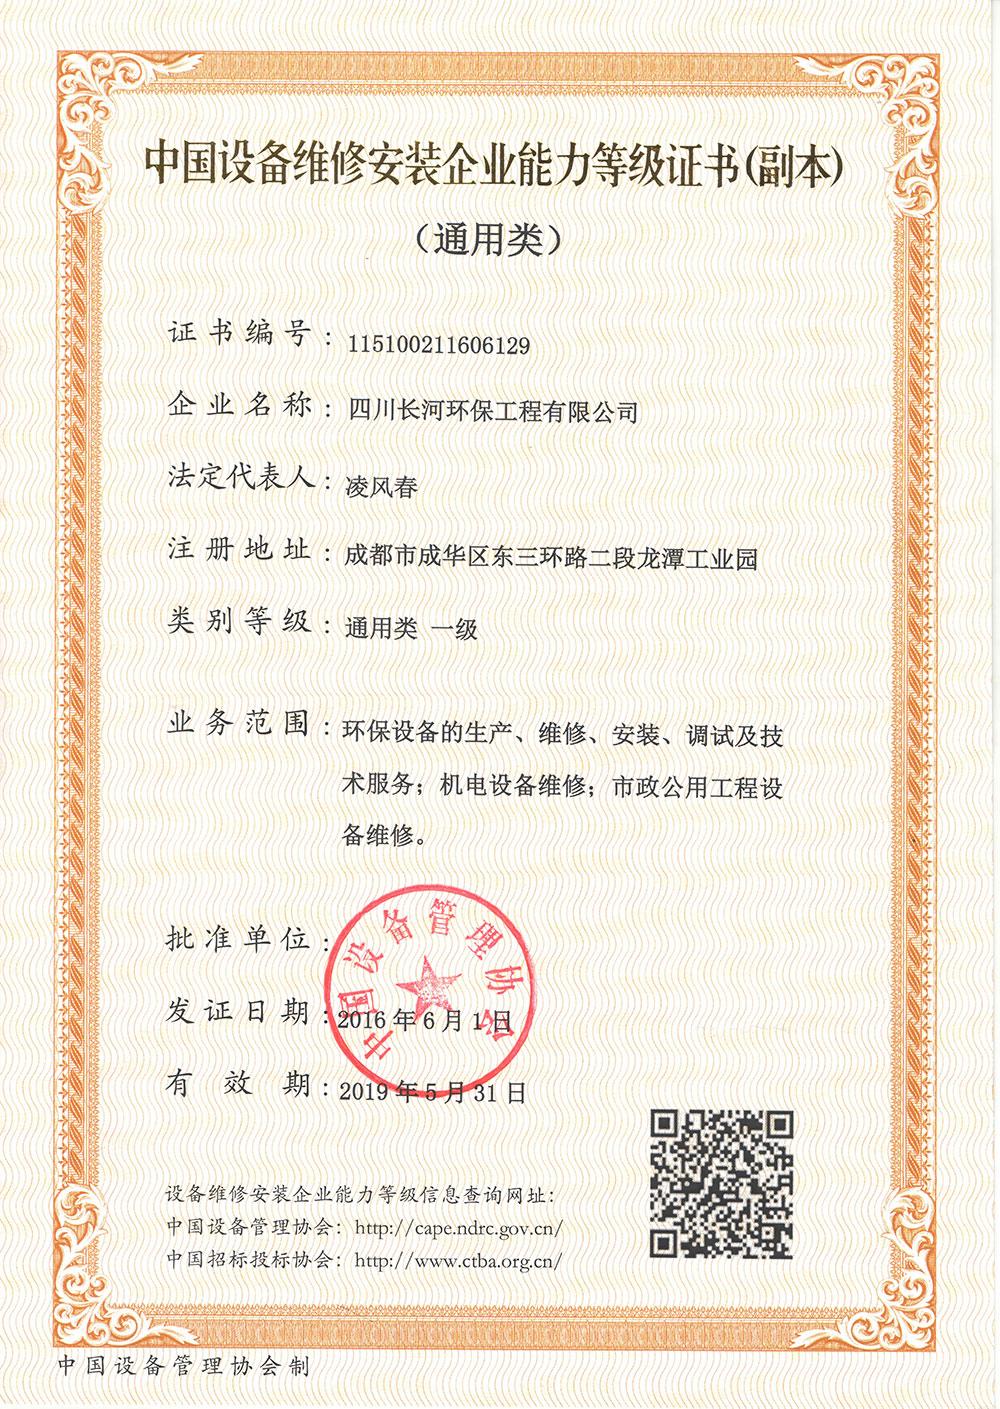 20190531中国设备维修安装企业能力等级证书(副本)通用类